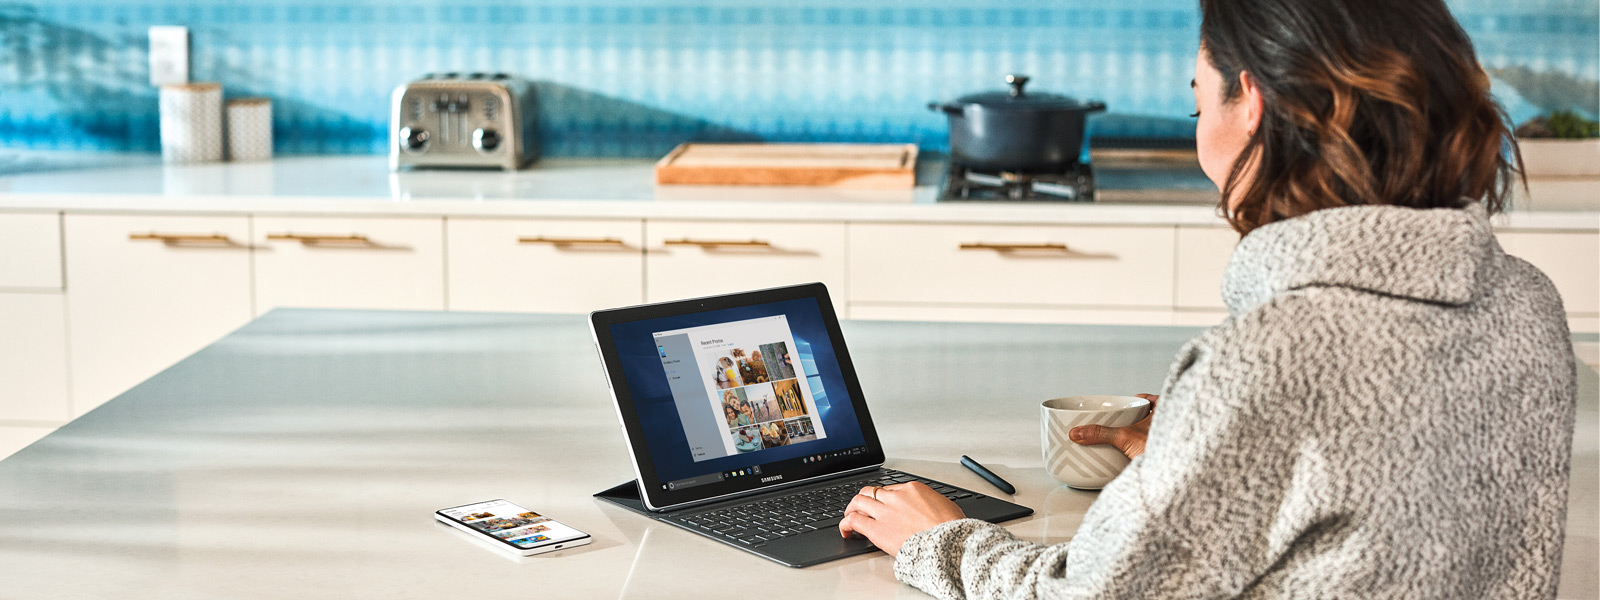 Femme assise à un comptoir de cuisine et utilisant un ordinateur portable Windows 10 avec son téléphone mobile